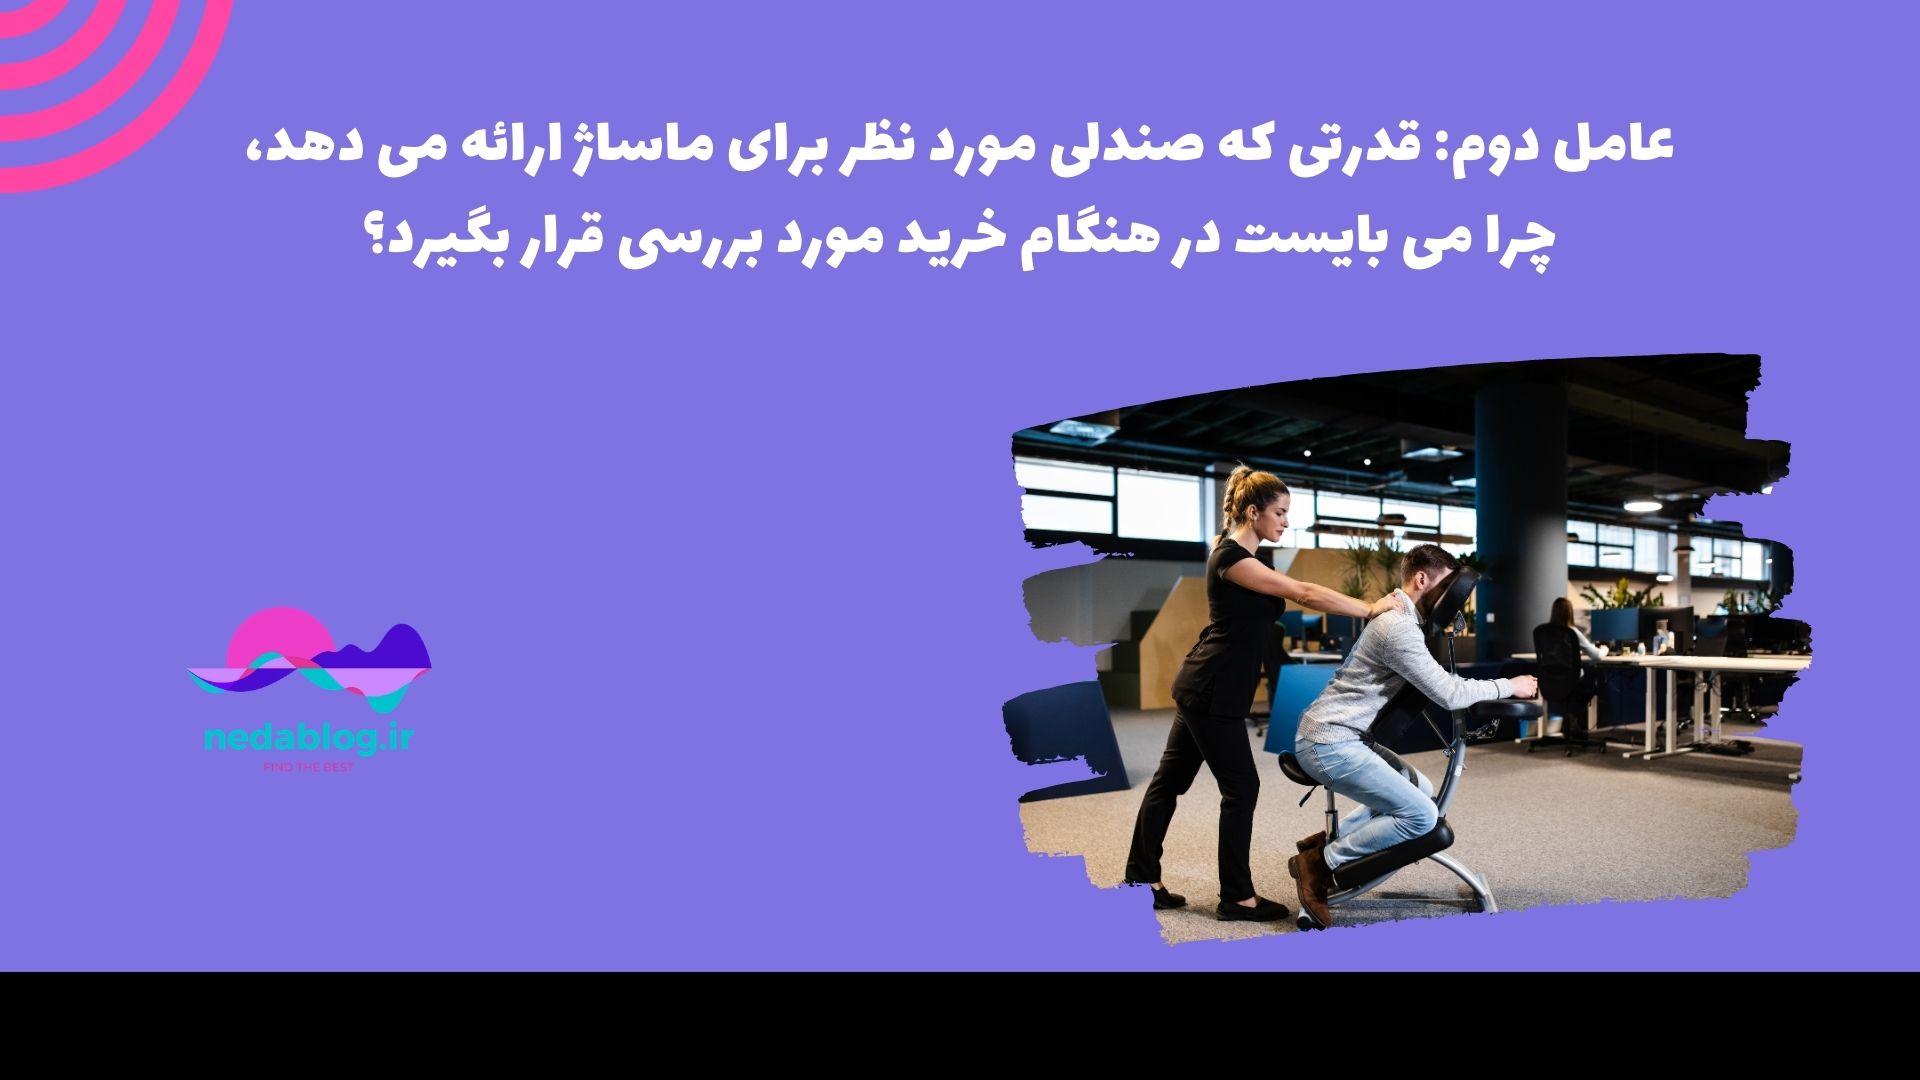 عامل دوم: قدرتی که صندلی مورد نظر برای ماساژ ارائه می دهد، چرا می بایست در هنگام خرید مورد بررسی قرار بگیرد؟